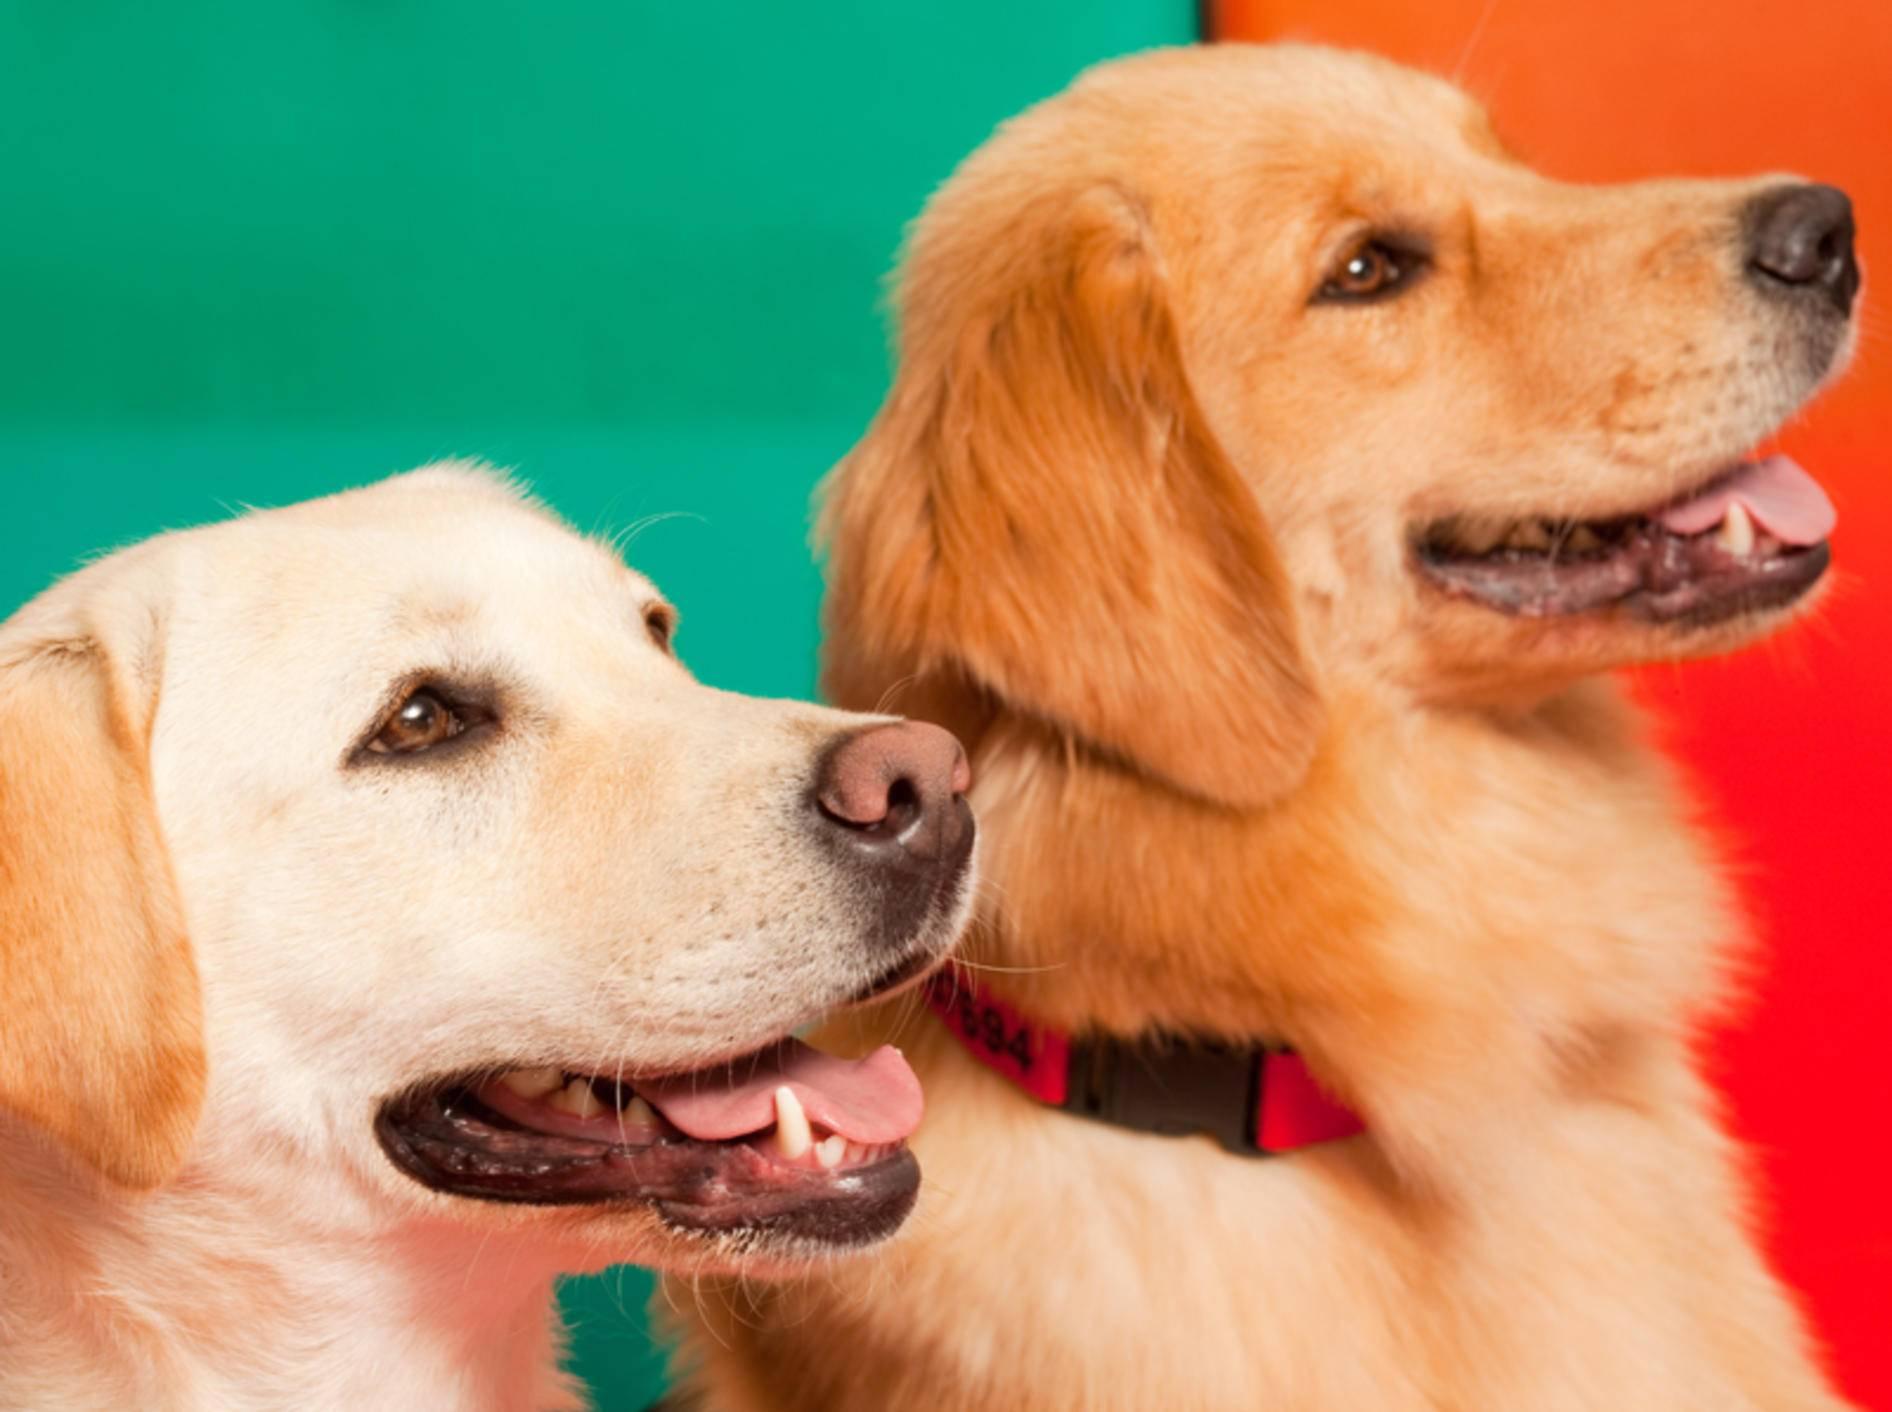 Labrador und Golden Retriever werden oft als Therapiehunde eingesetzt – Jose Luis Stephens